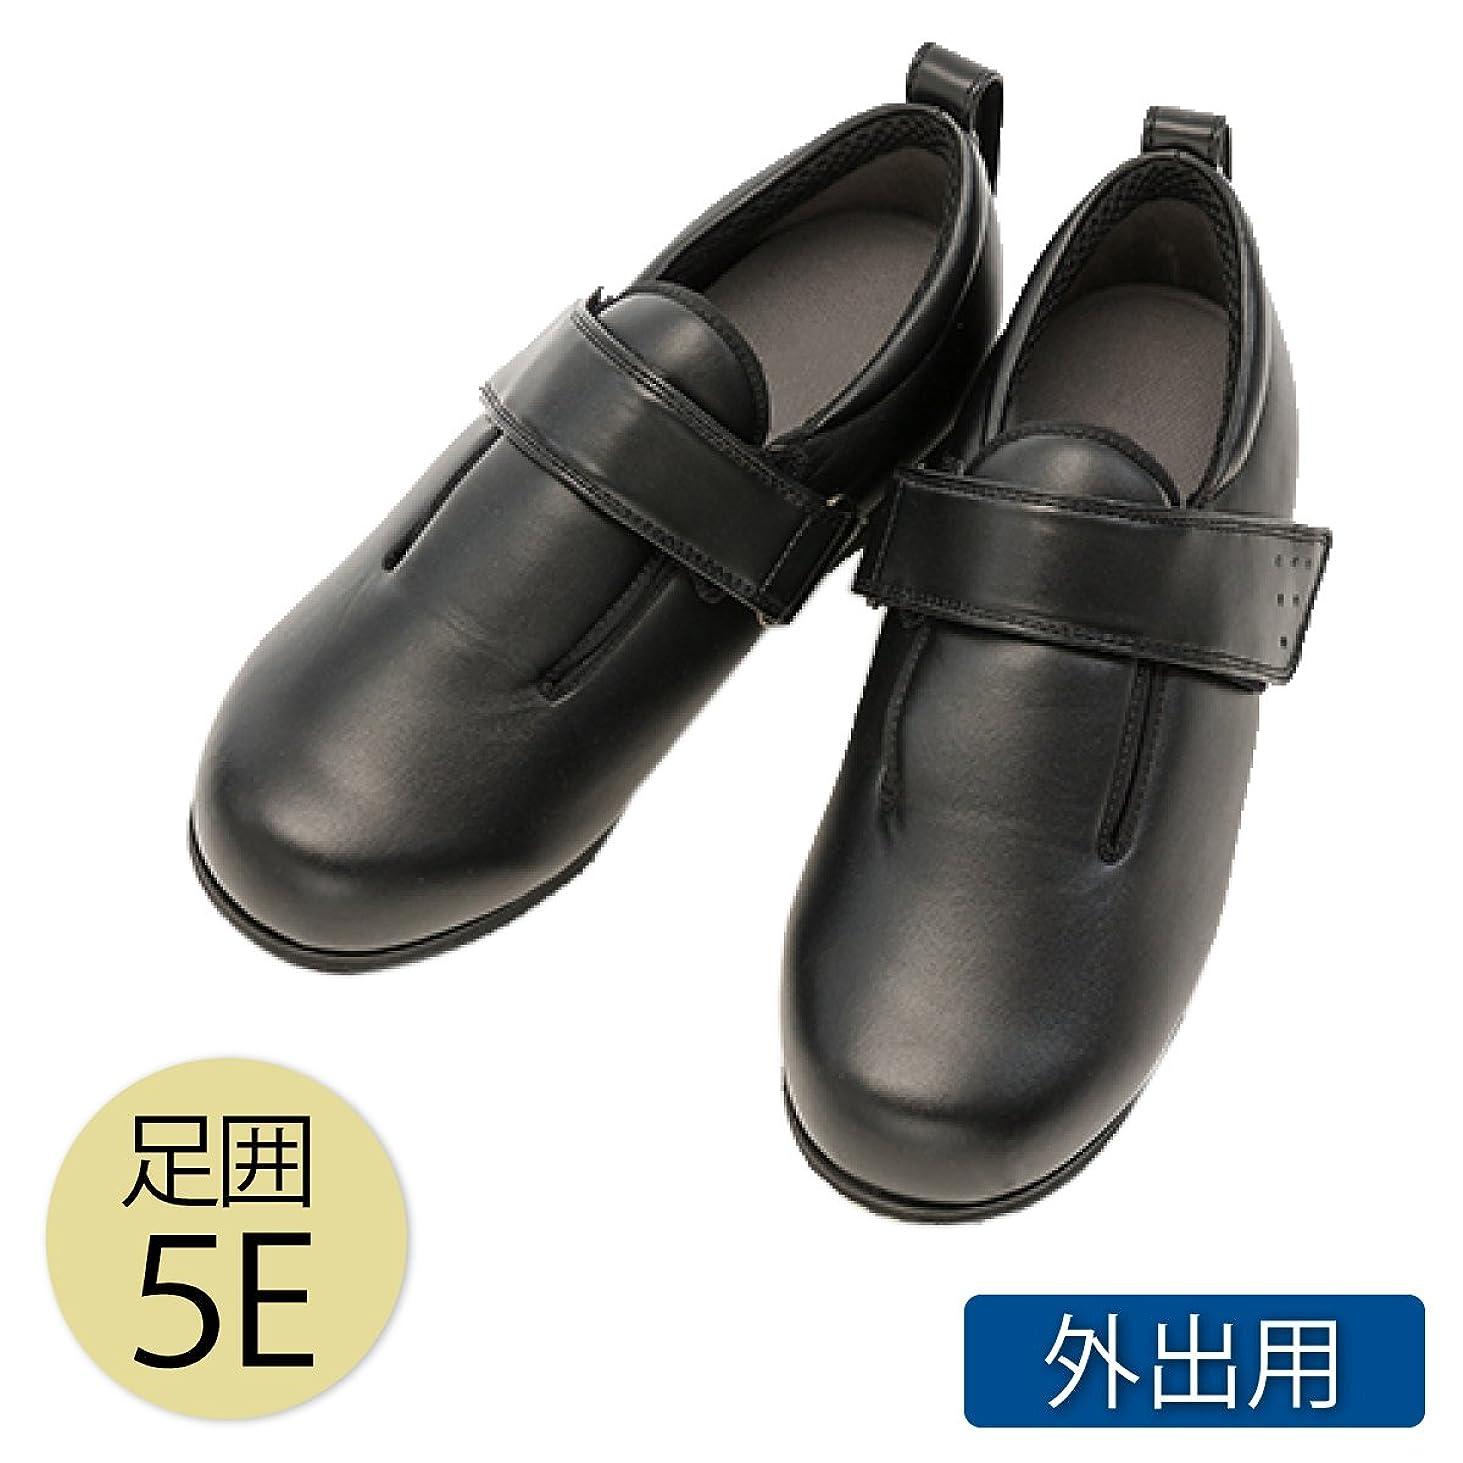 火薬凝視バラ色介護シューズ 介護靴 外出用 あゆみ シニア ダブルマジックIII 合皮 5E 黒 7044